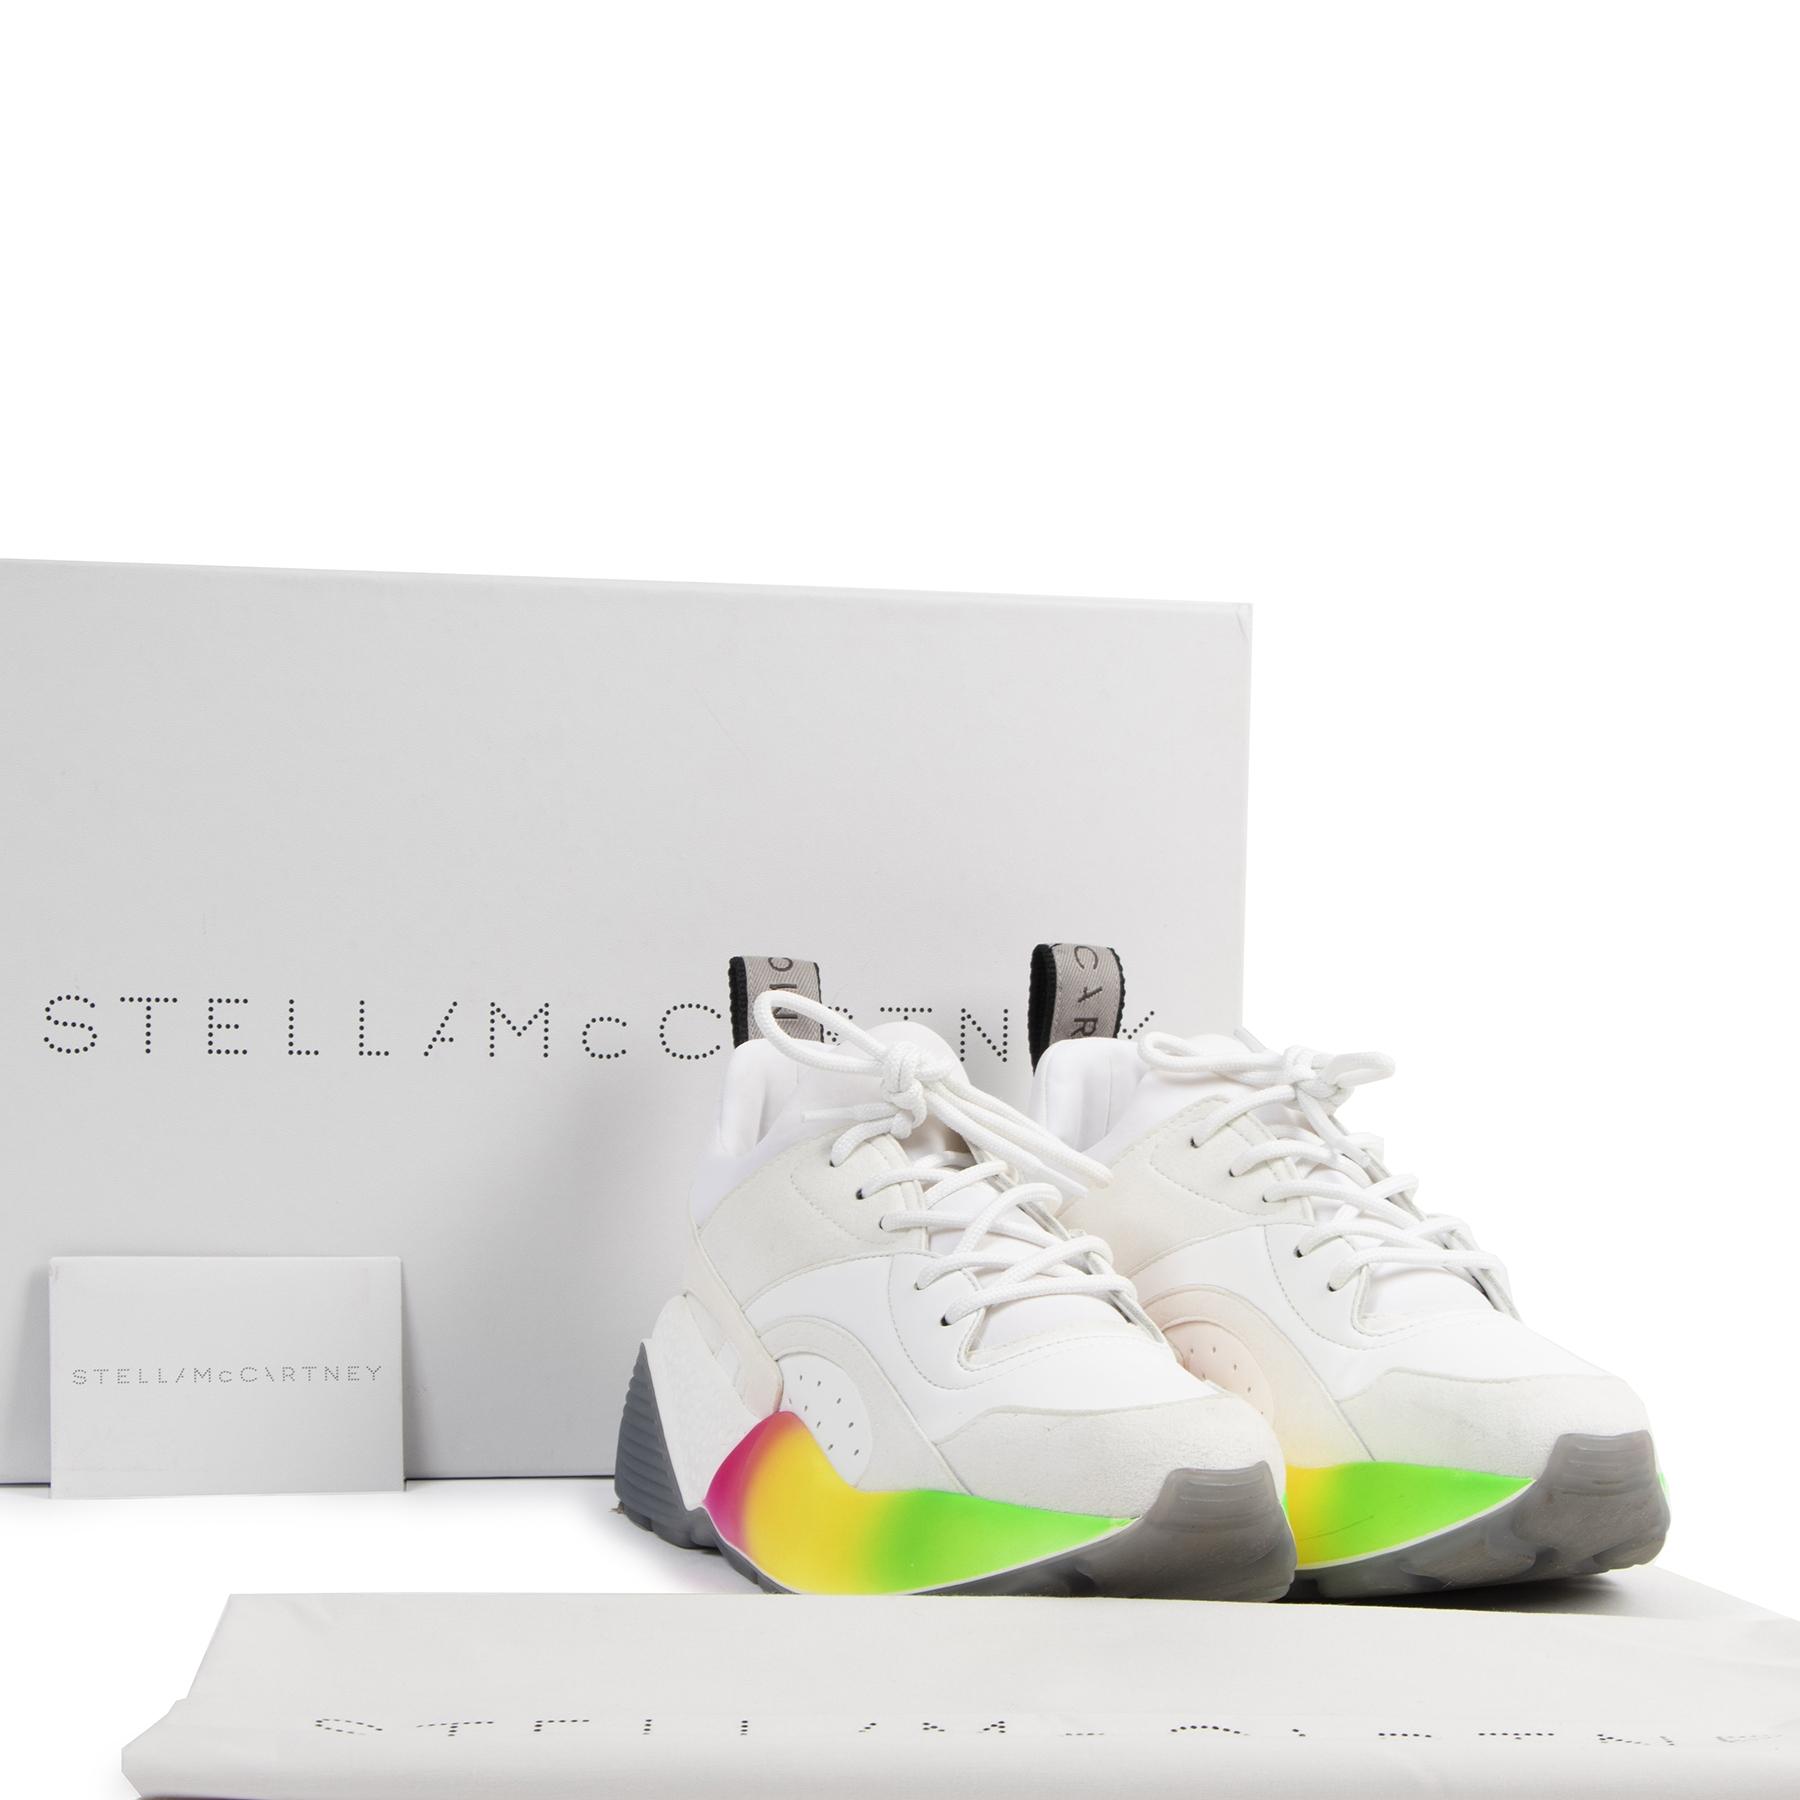 Authentieke Tweedehands Stella McCartney Eclypse Rainbow Sneakers - Size 37 juiste prijs veilig online shoppen luxe merken webshop winkelen Antwerpen België mode fashion